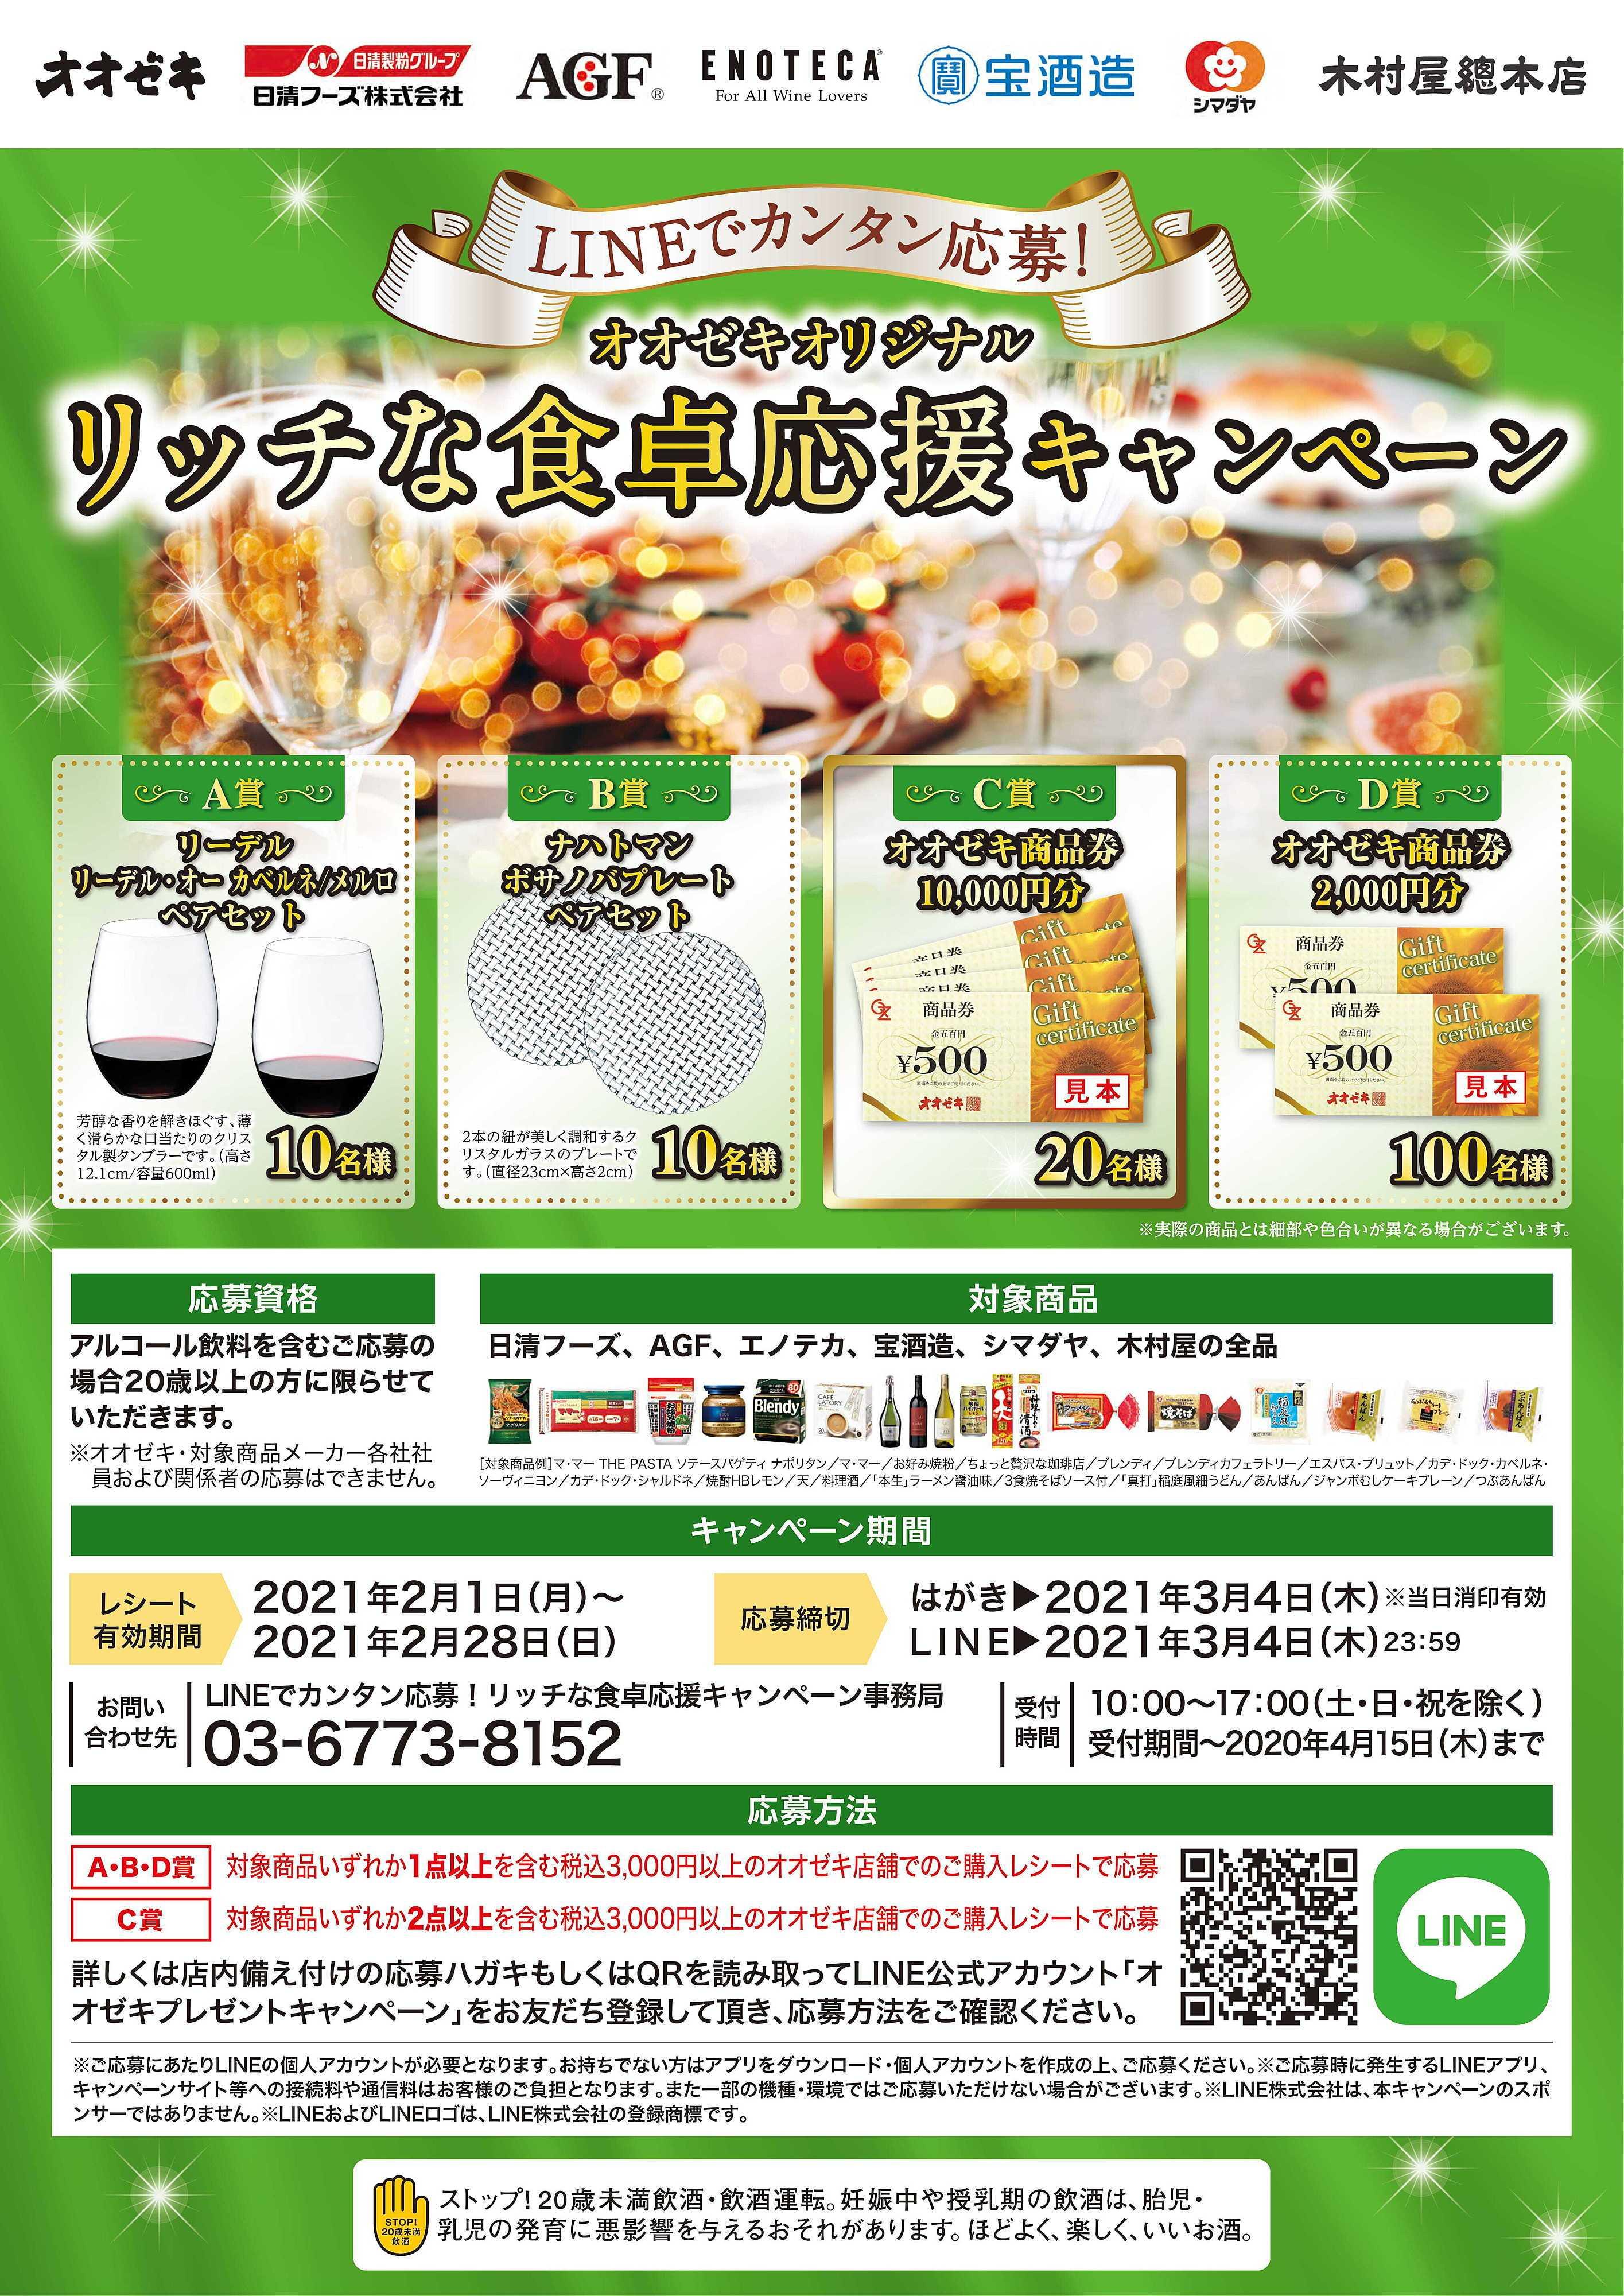 オオゼキ 【LINEで簡単応募】リッチな食卓応援キャンペーン【2/28(日)まで】